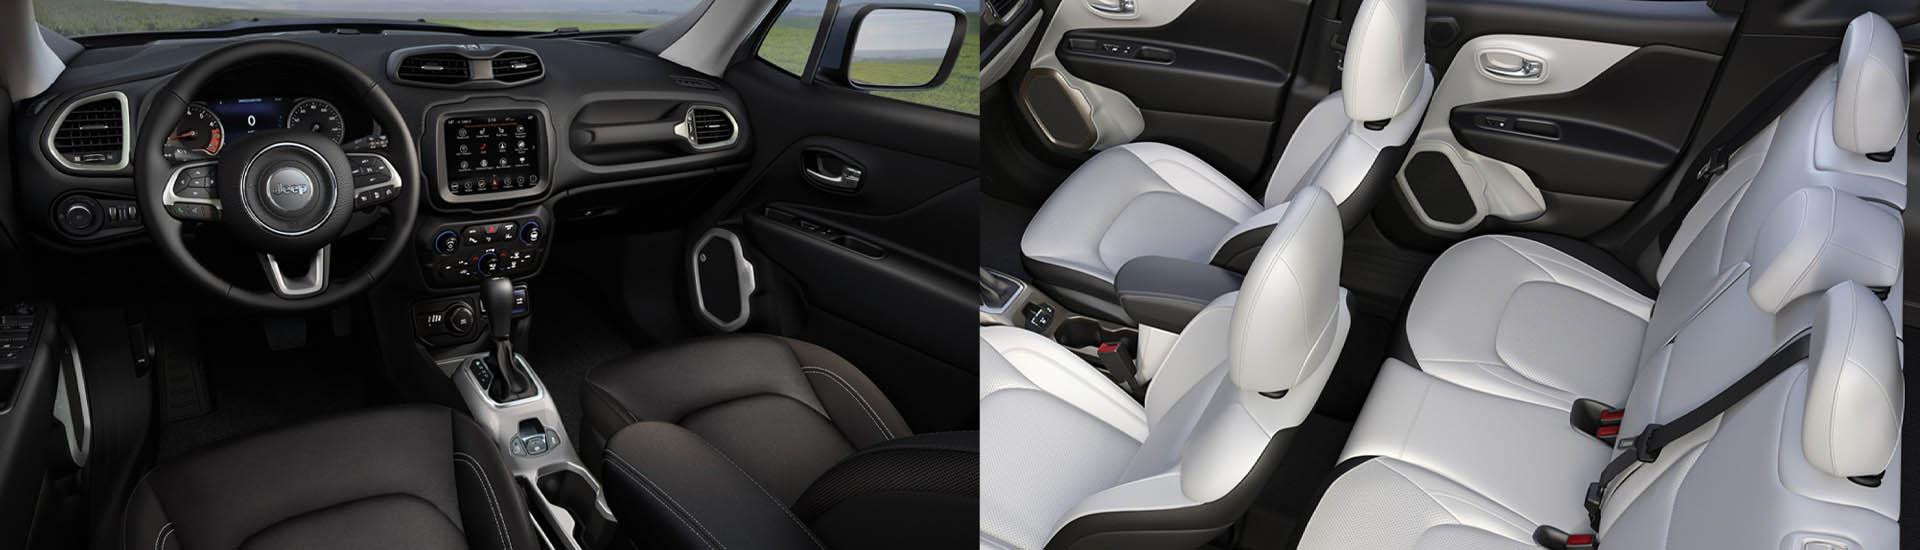 2020 Jeep Renegade interior